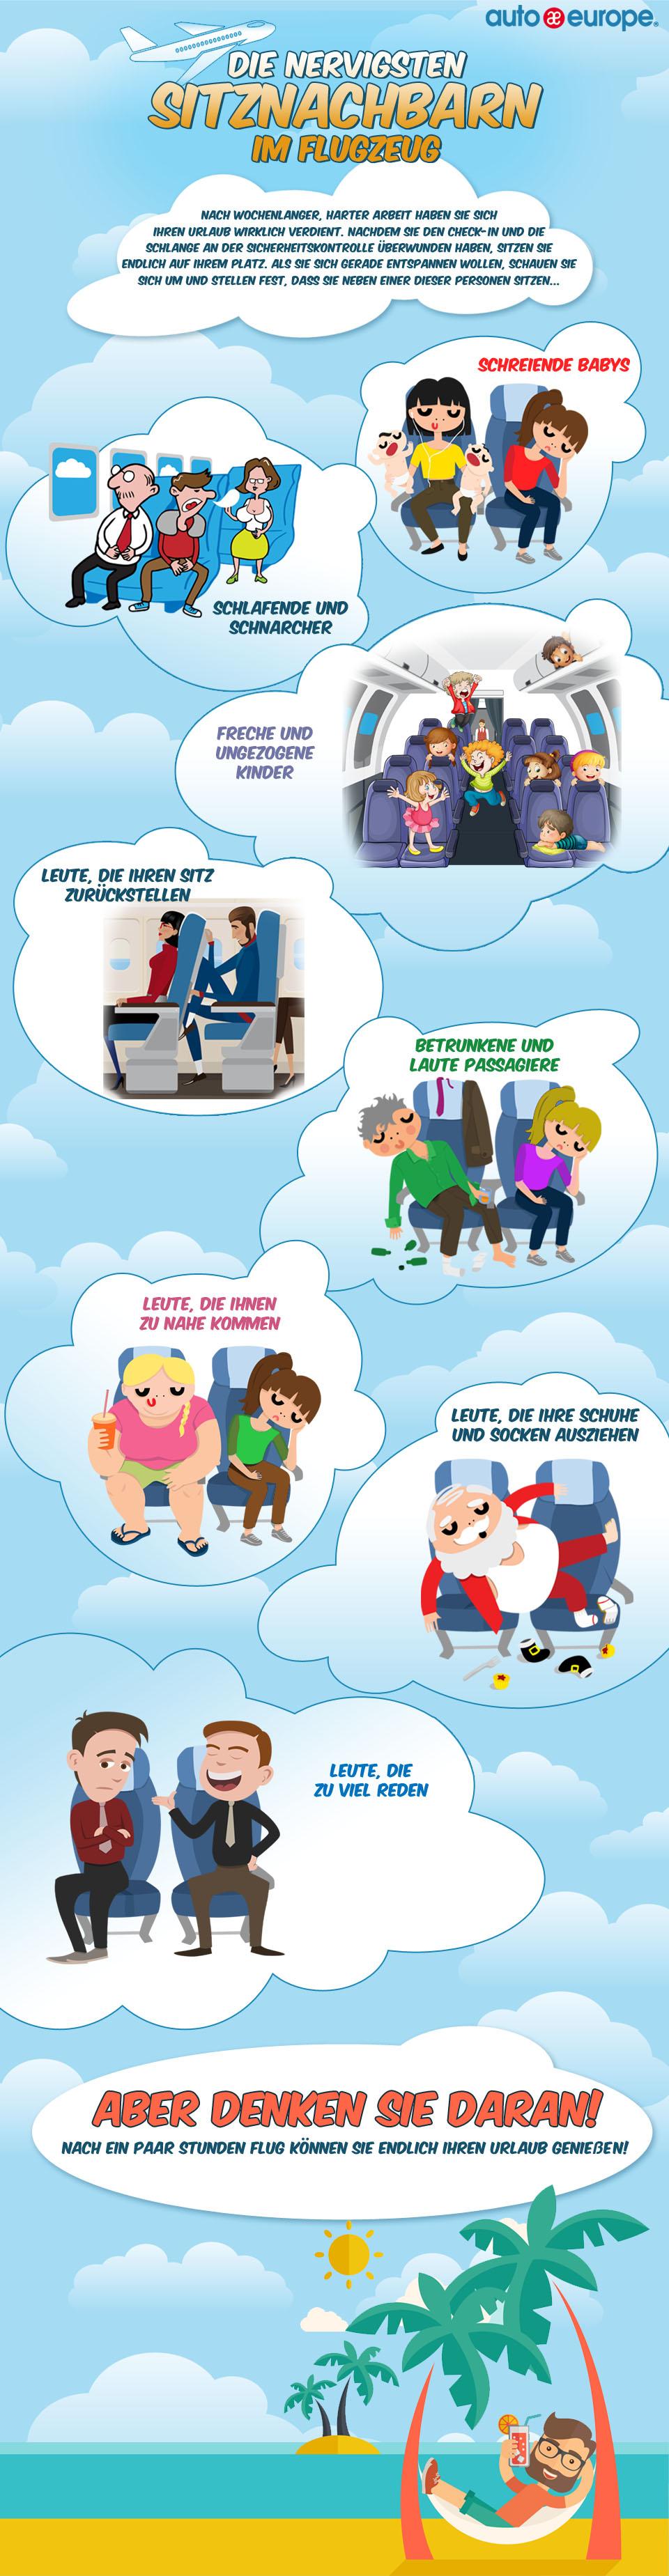 Nervige Sitznachbarn im Flugzeug